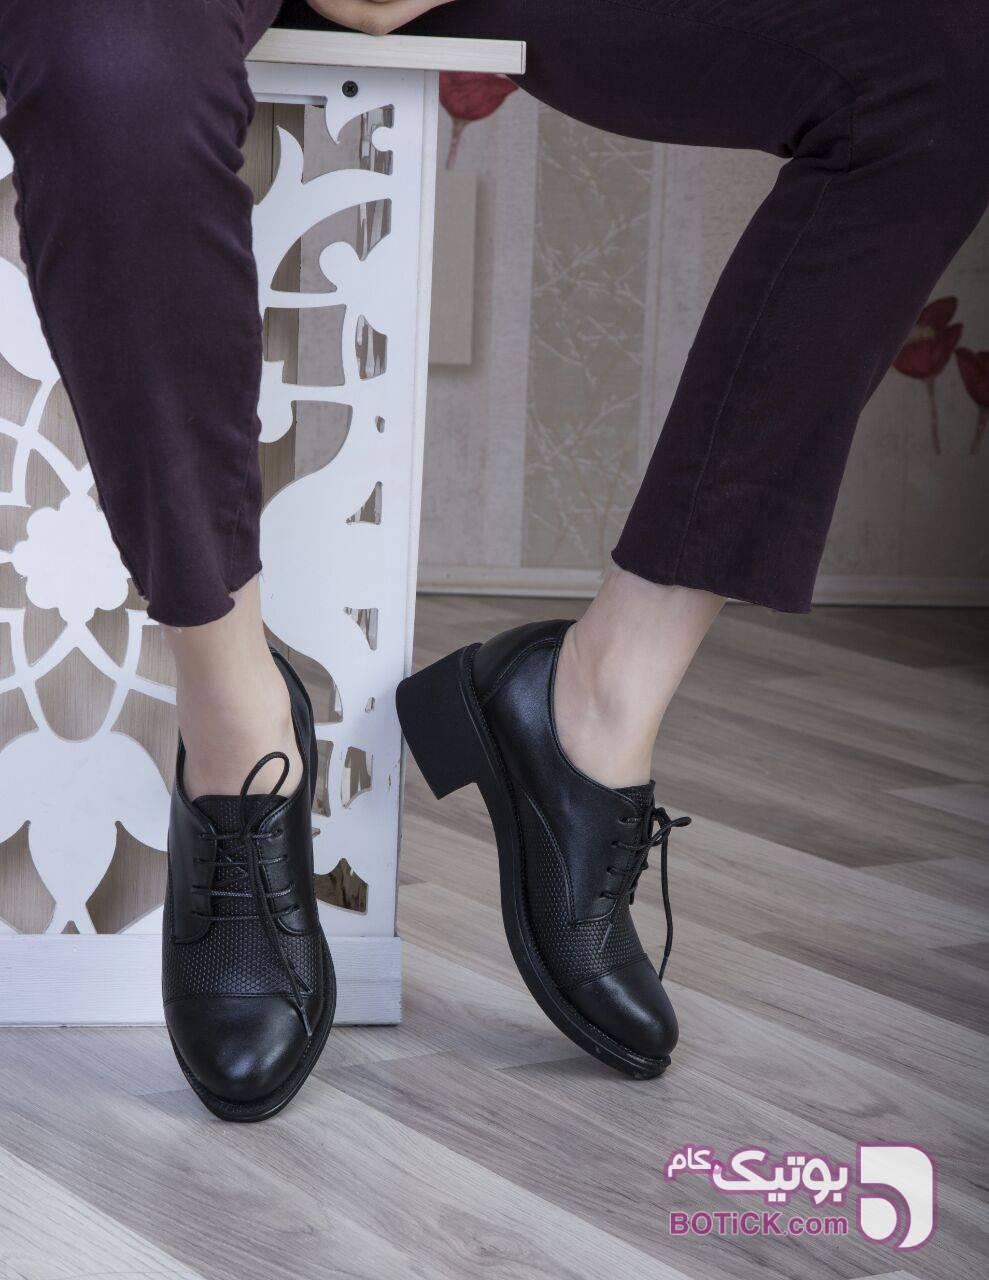 کفش شیک ویژه دانشجو کد۴۸۲ مشکی كفش زنانه